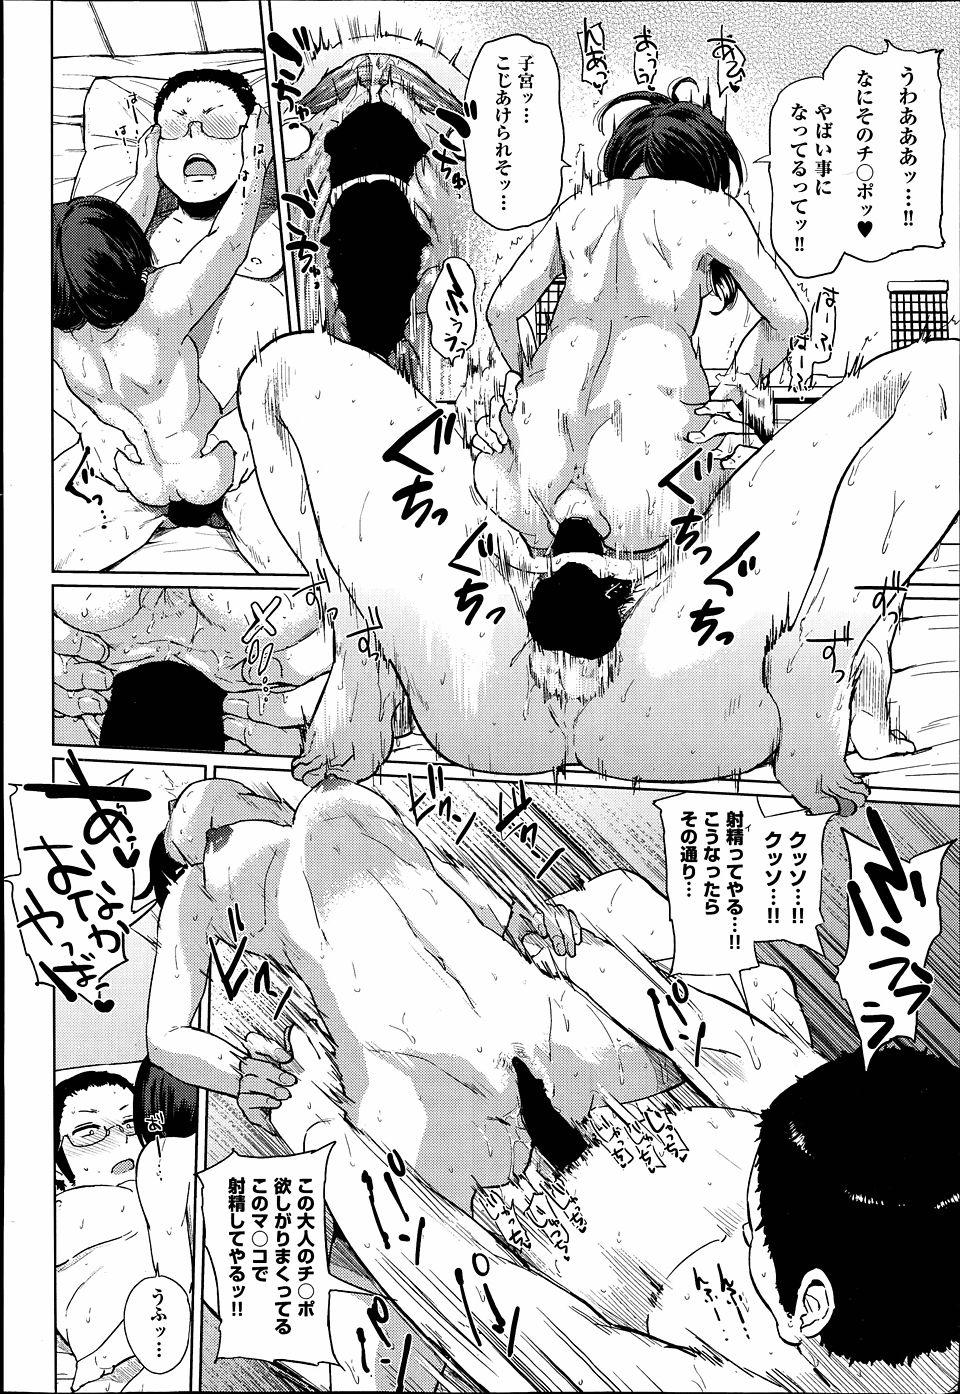 【エロ漫画・エロ同人】娘の友達にエッチしようって誘われてる父親www (24)